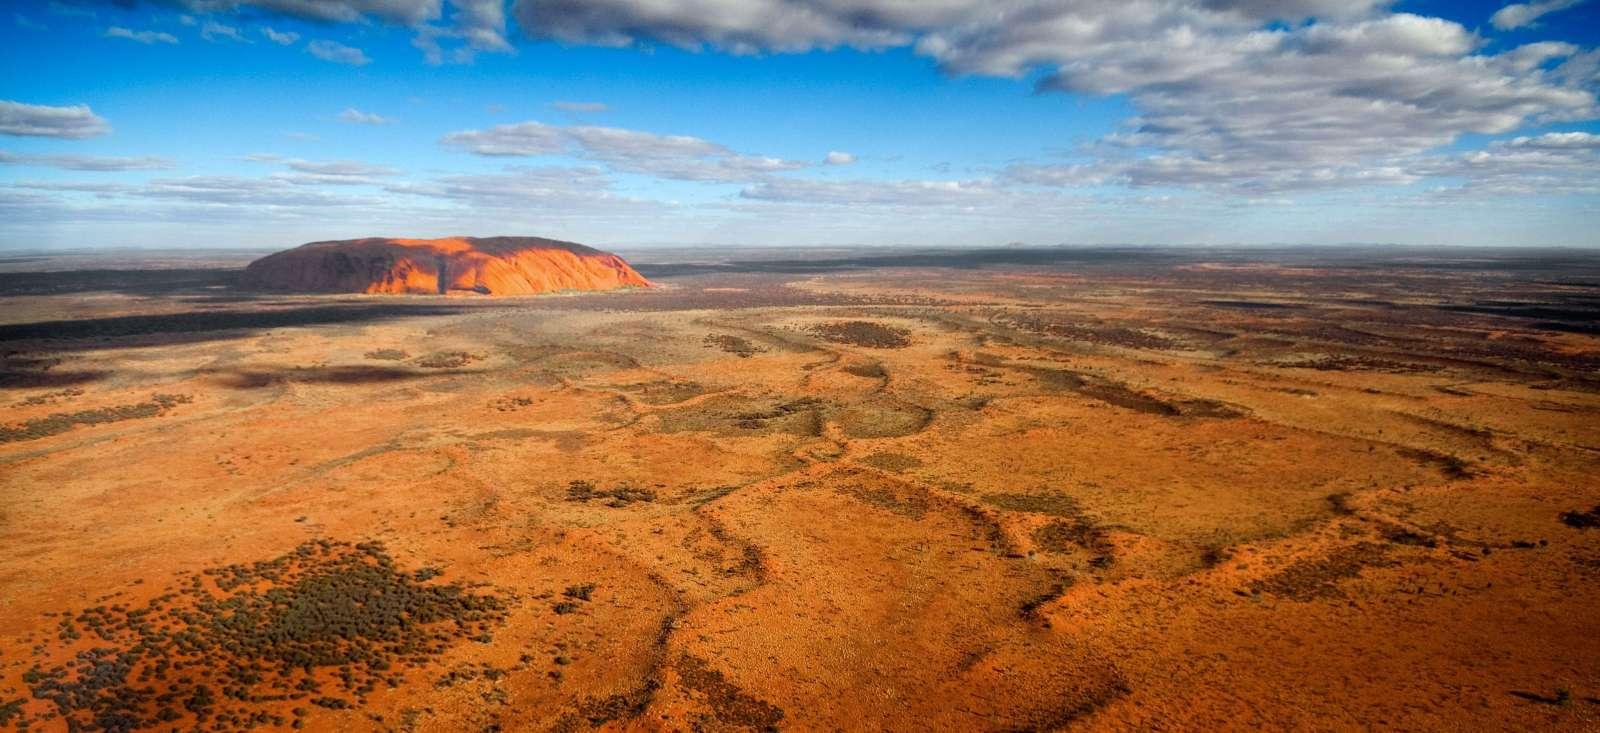 Voyage à pied : La traversée du désert selon Philippe Frey !